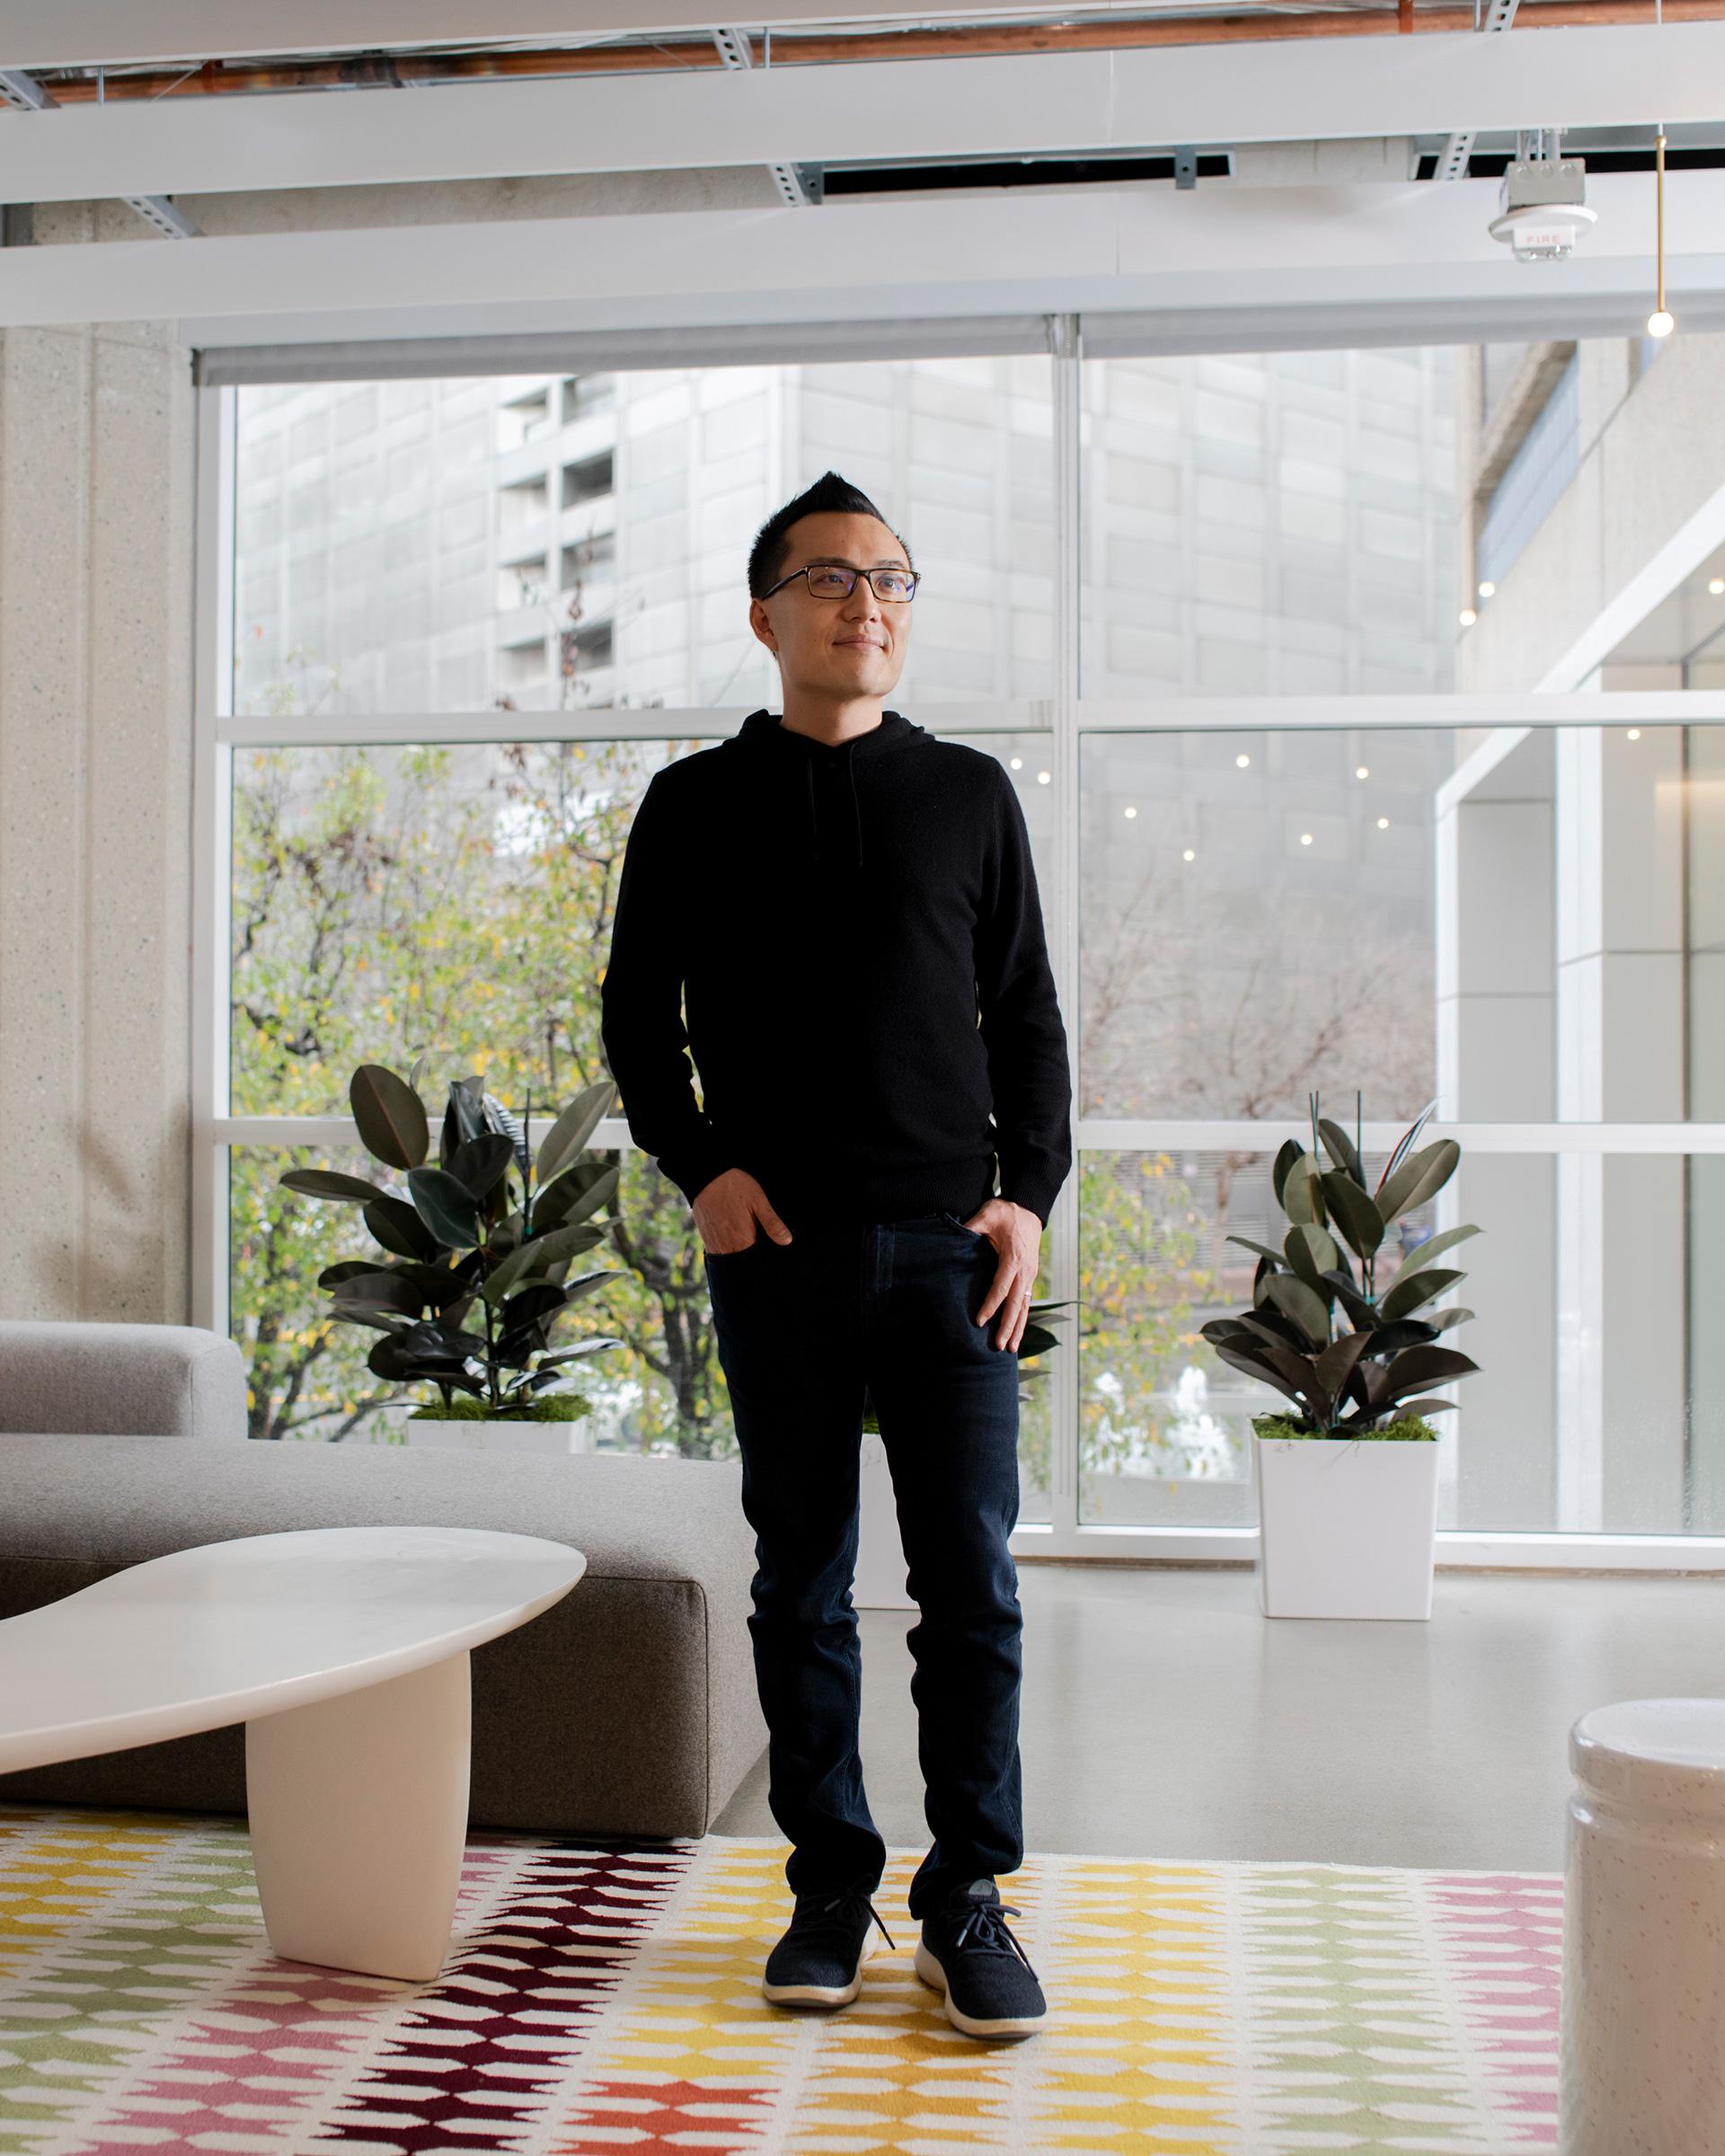 DoorDash CEO Tony Xu at the company's headquarters in San Francisco on Jan. 16, 2020.